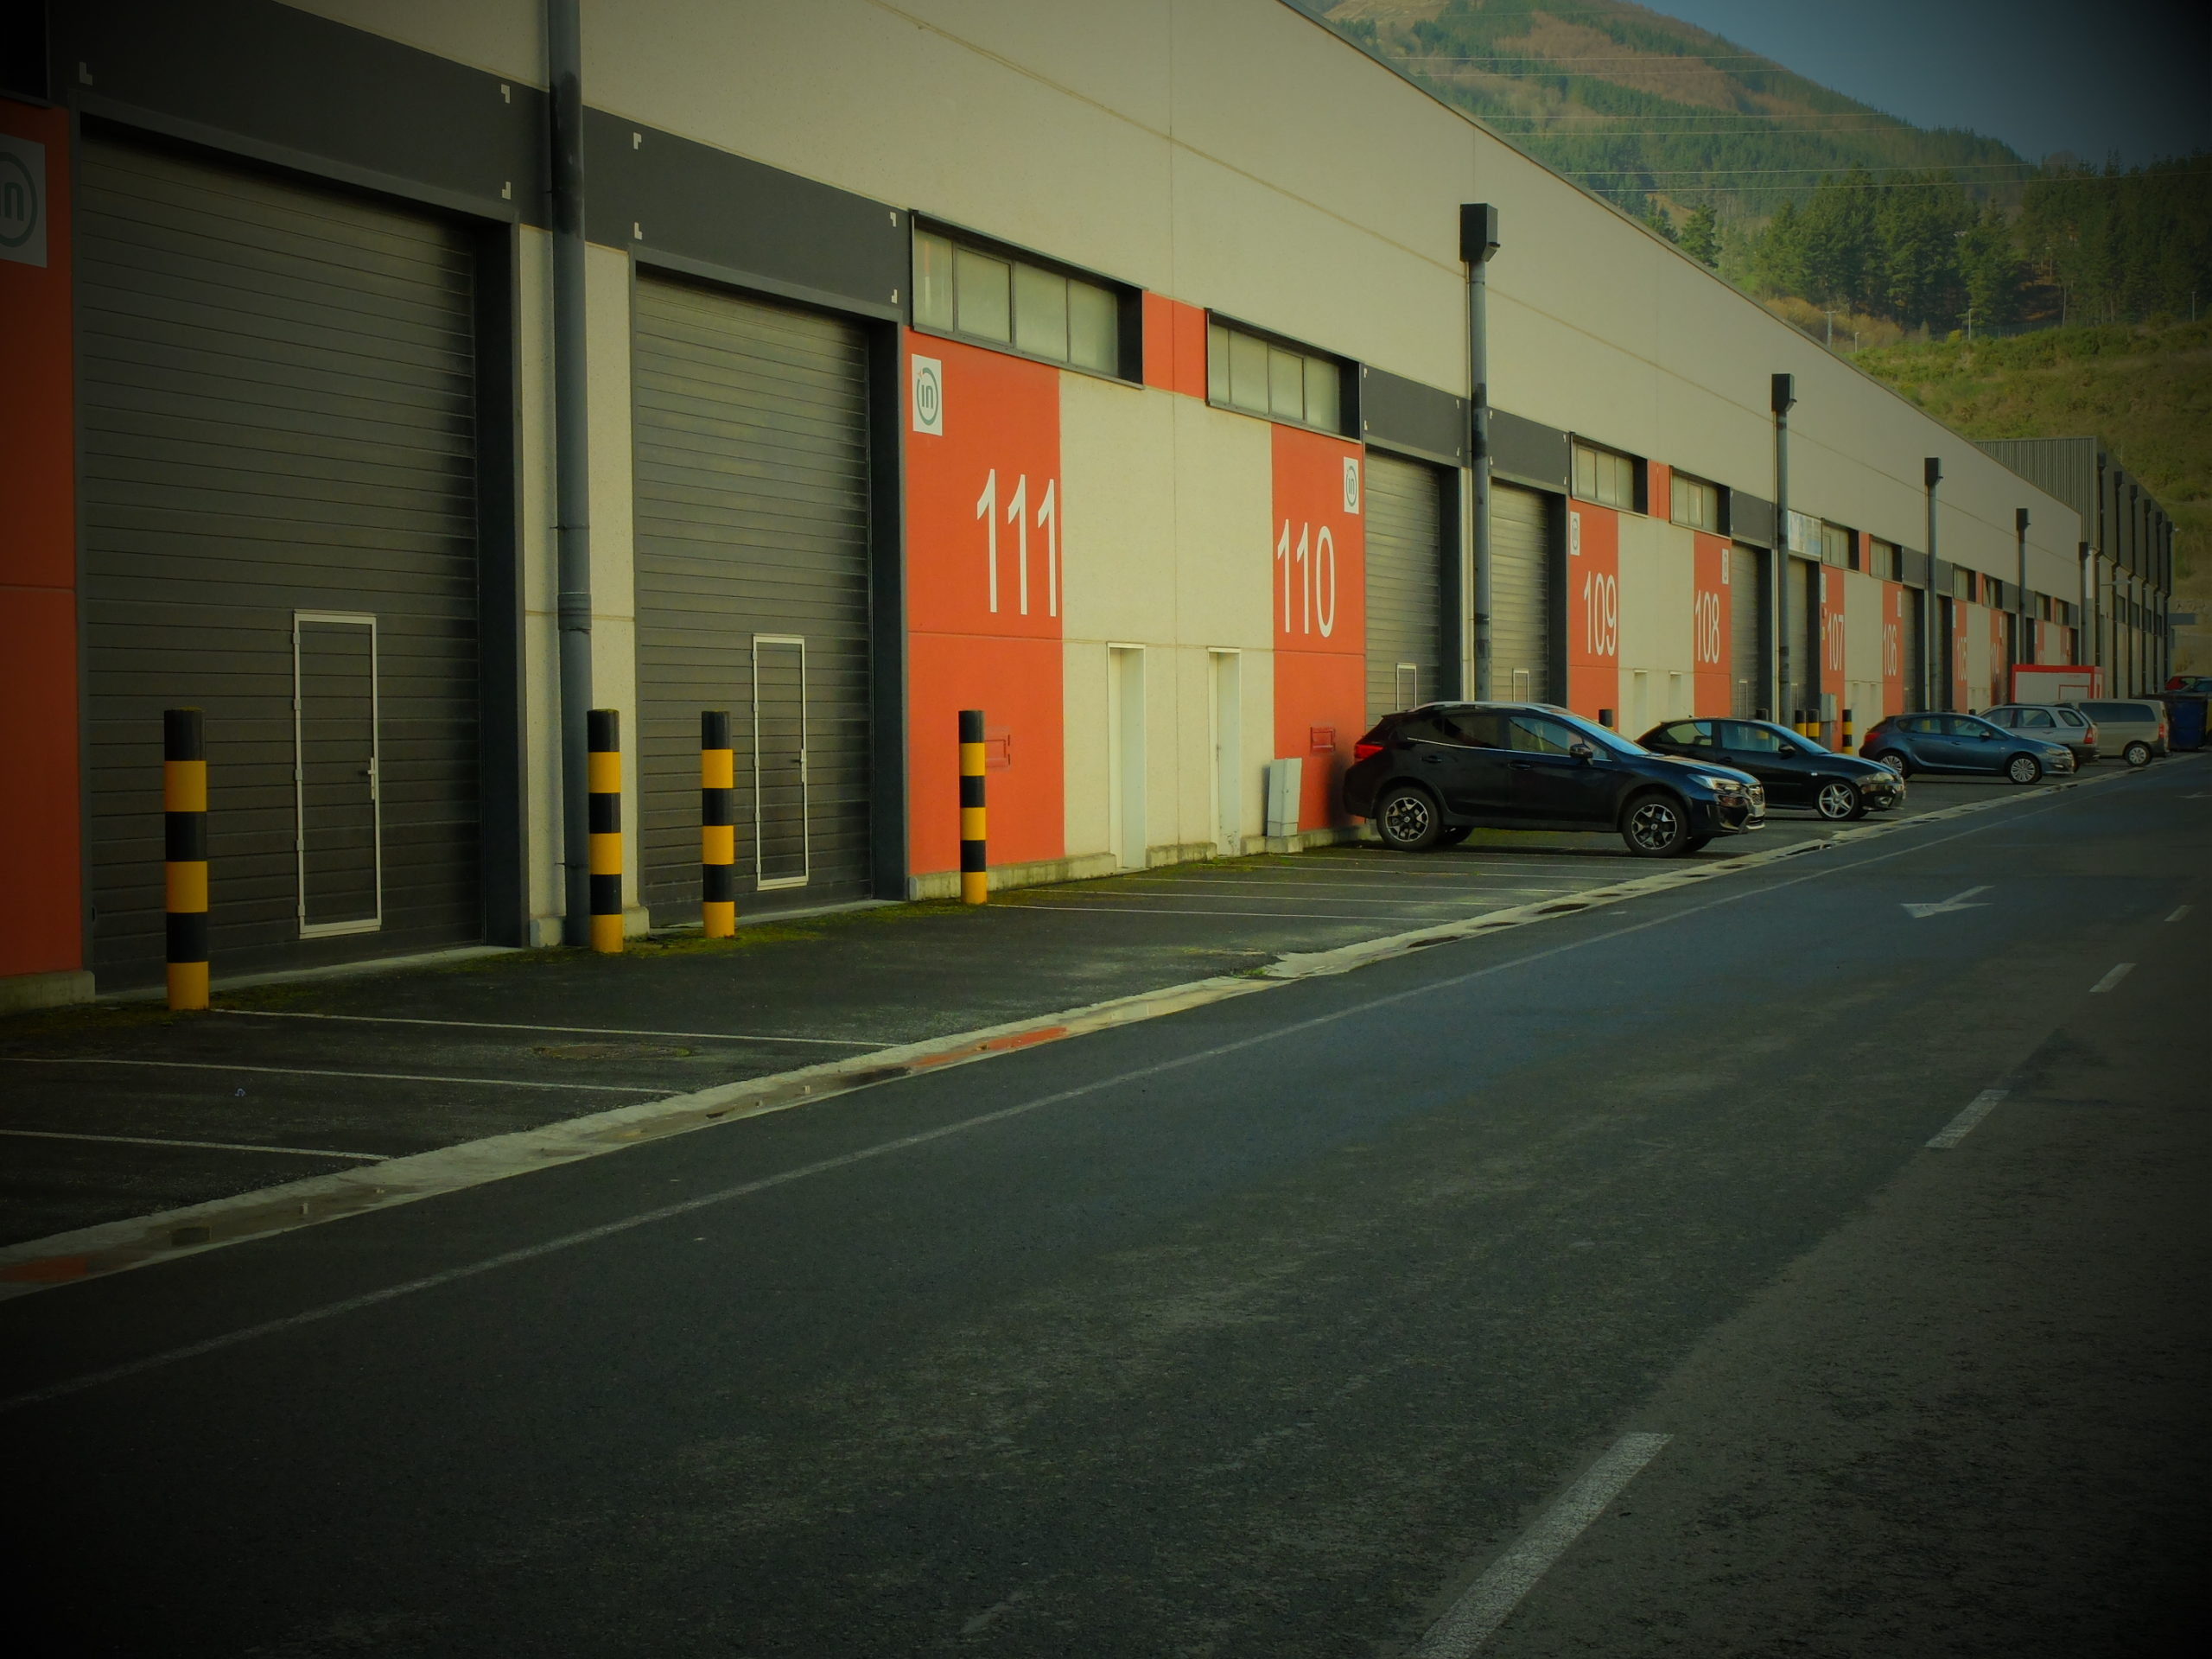 Imagen de Pabellón 108 V1, Polígono Industrial Oinartxo – Azkoitia